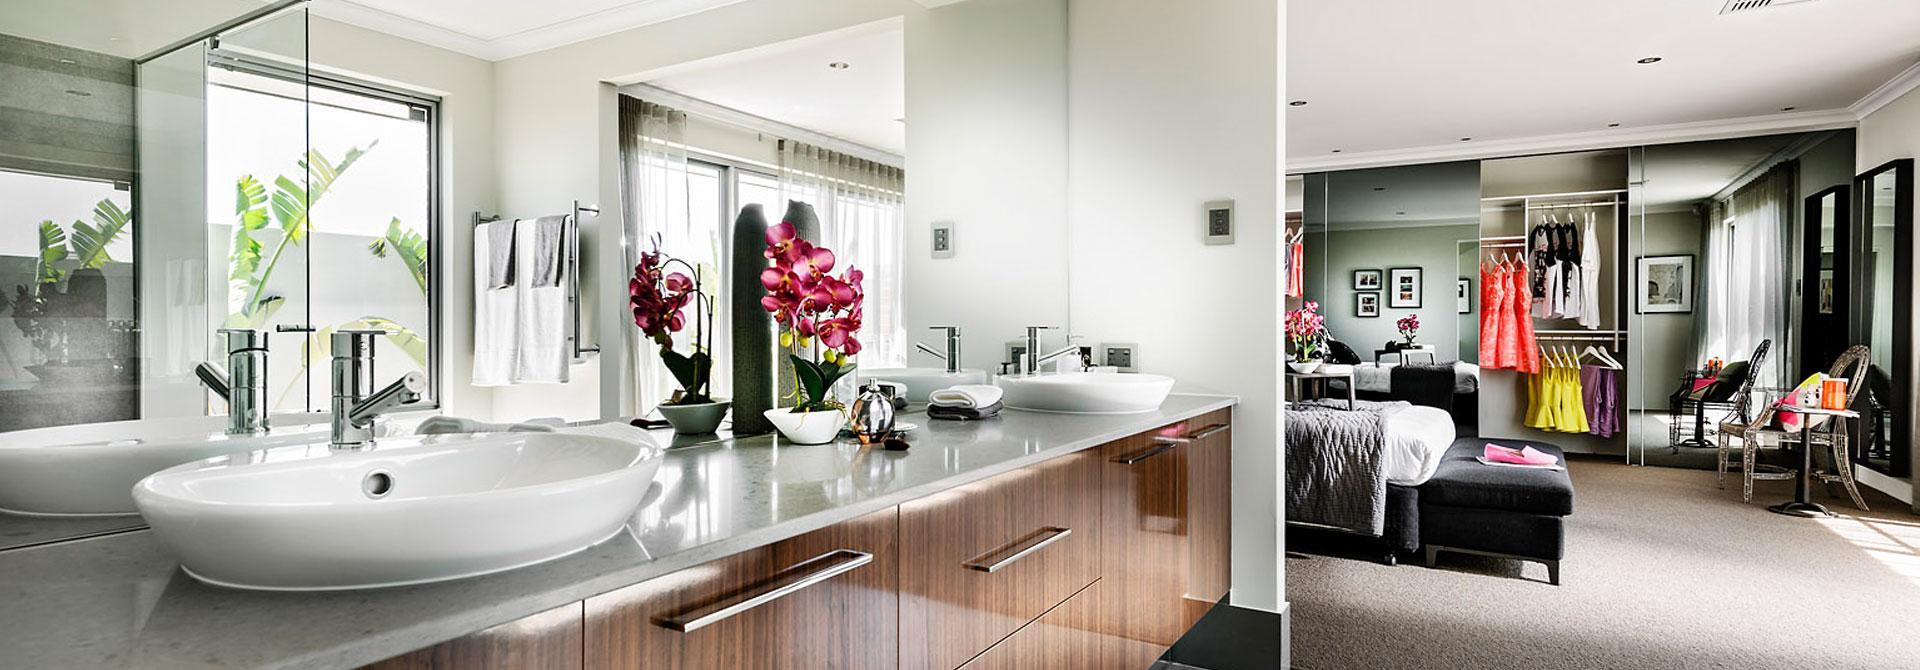 Custom Design & Build » Bellagio Homes